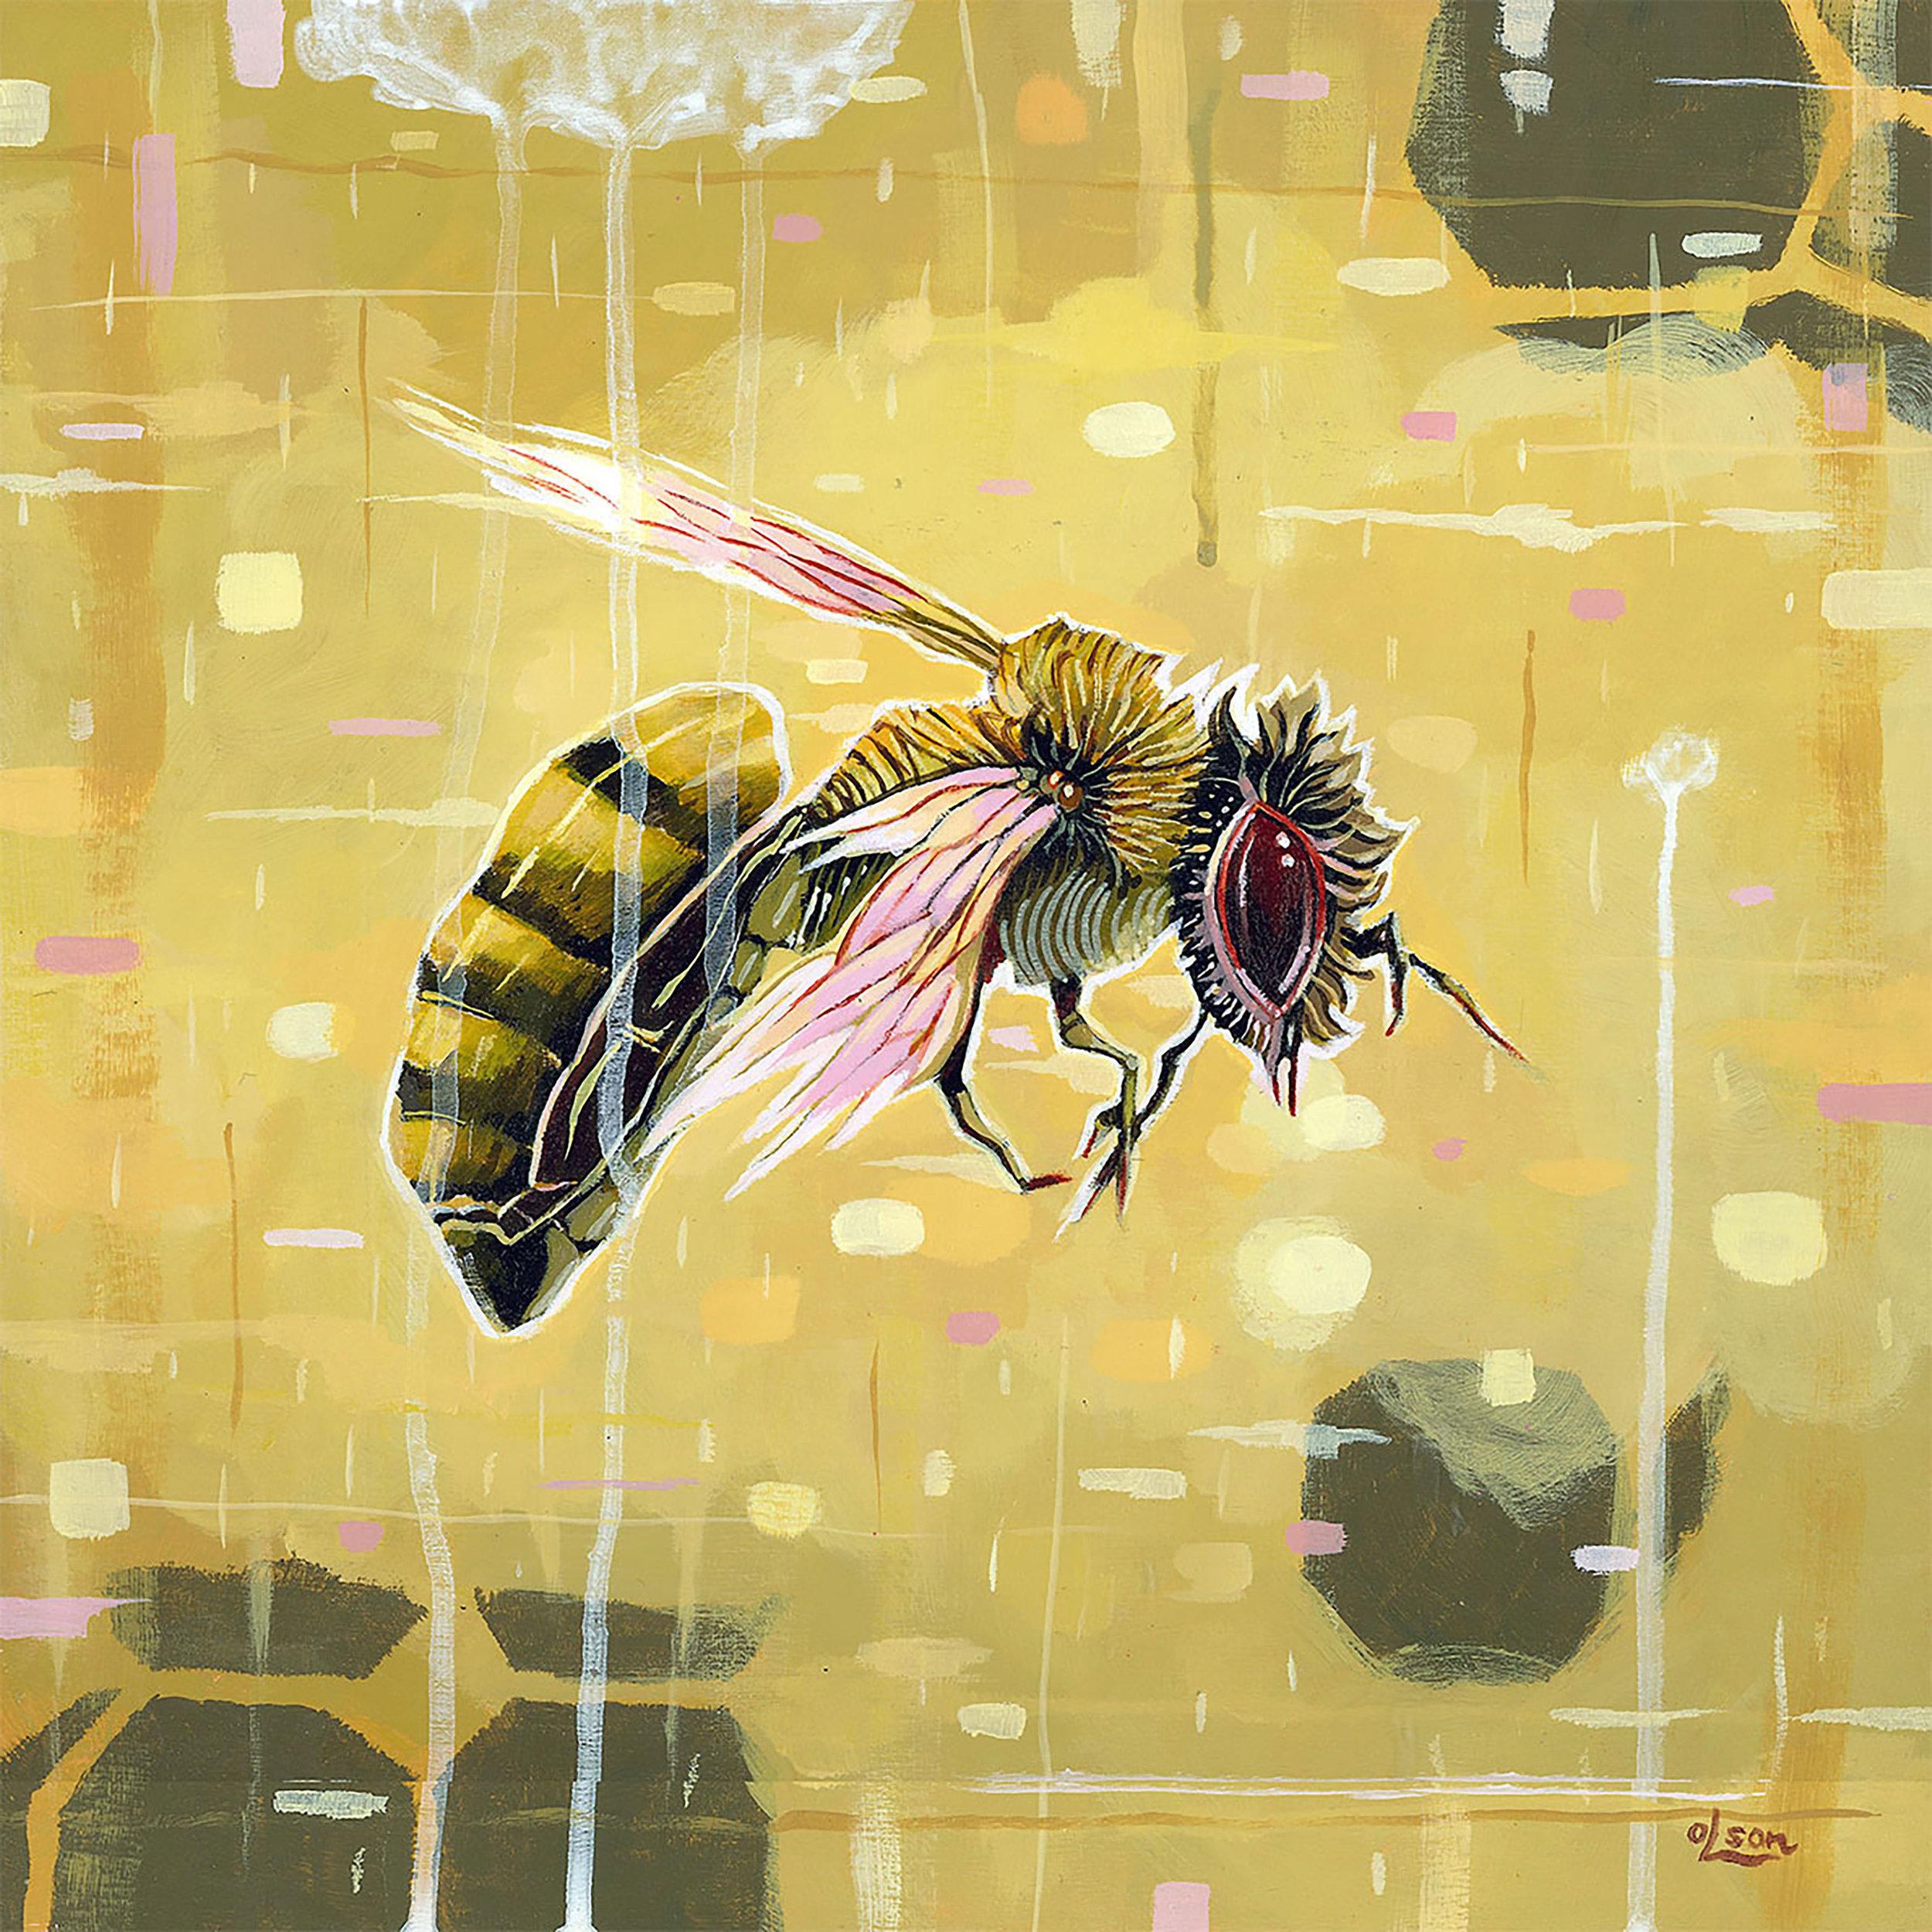 Christopher Olson-Floating thorough a Digital World-Acrylic-12x12in-2017-$1200.00.jpg